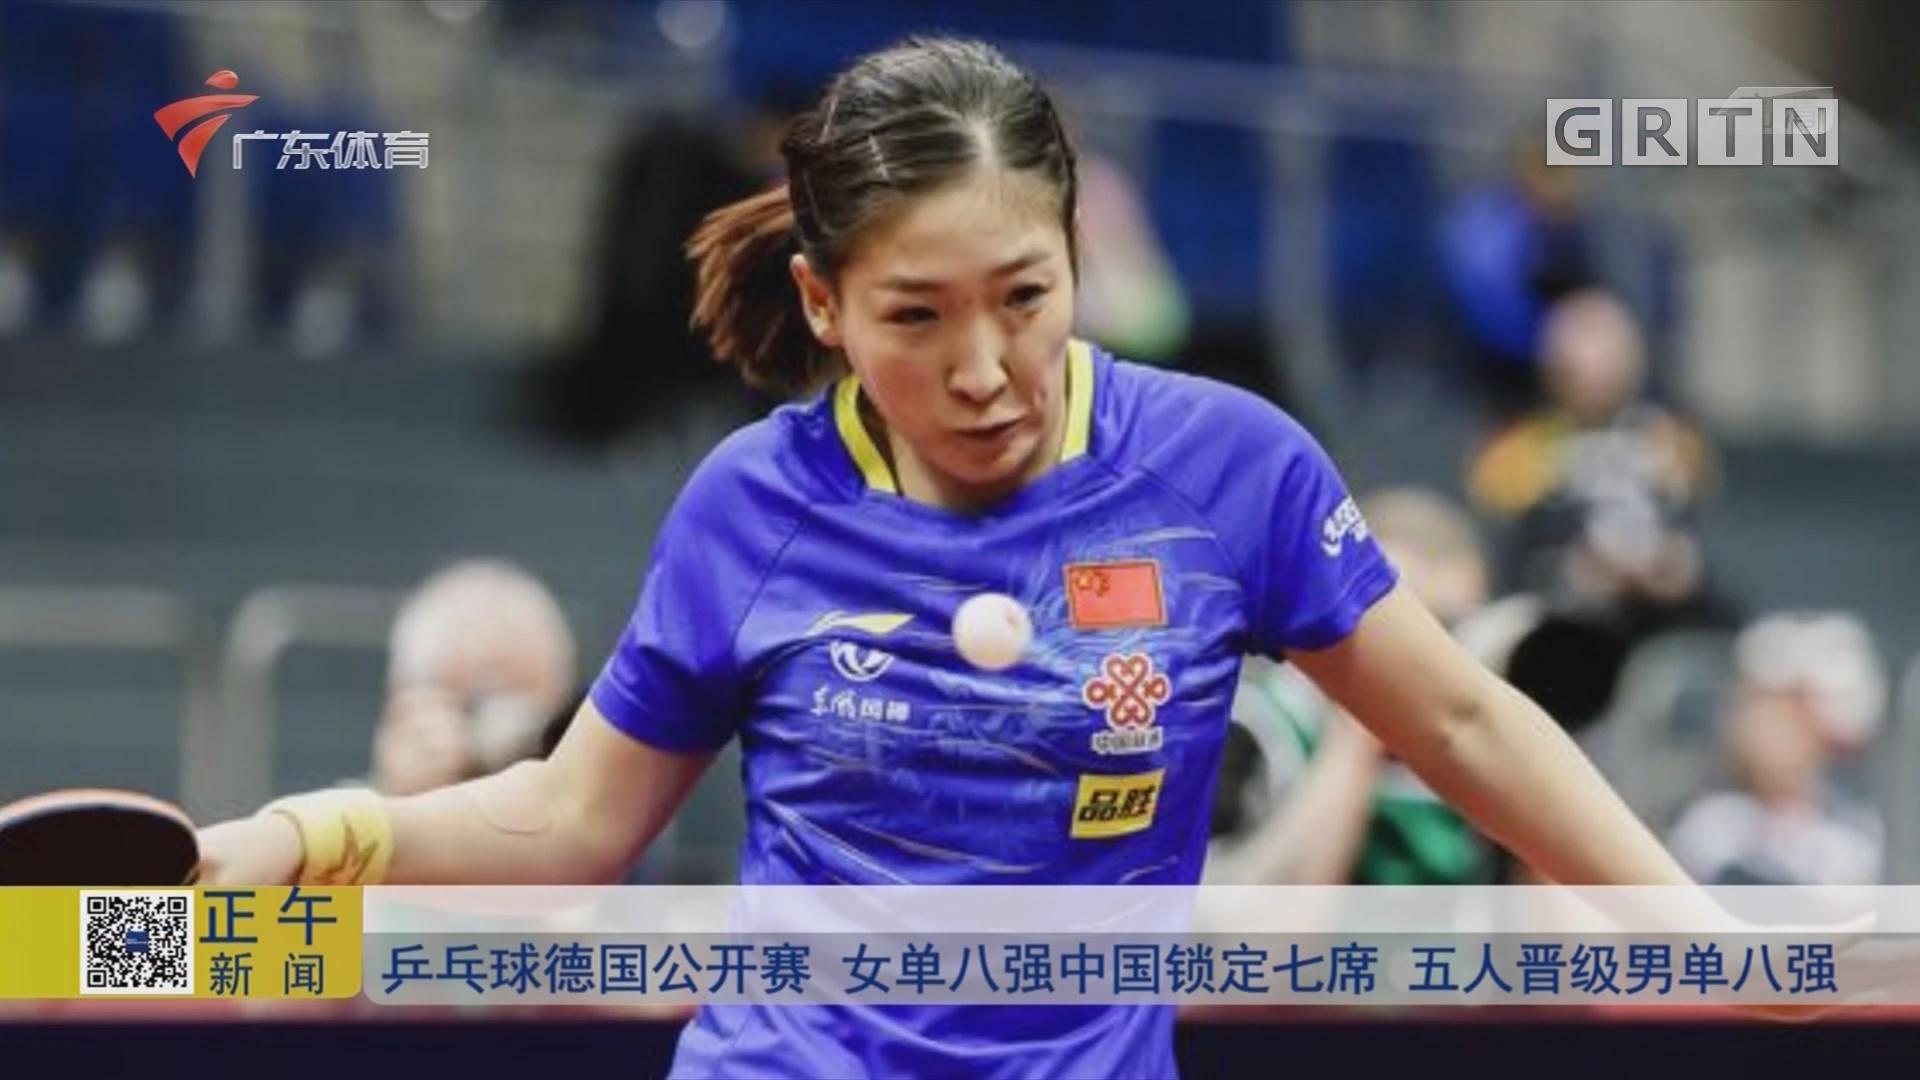 乒乓球德国公开赛 女单八强中国锁定七席 五人晋级男单八强